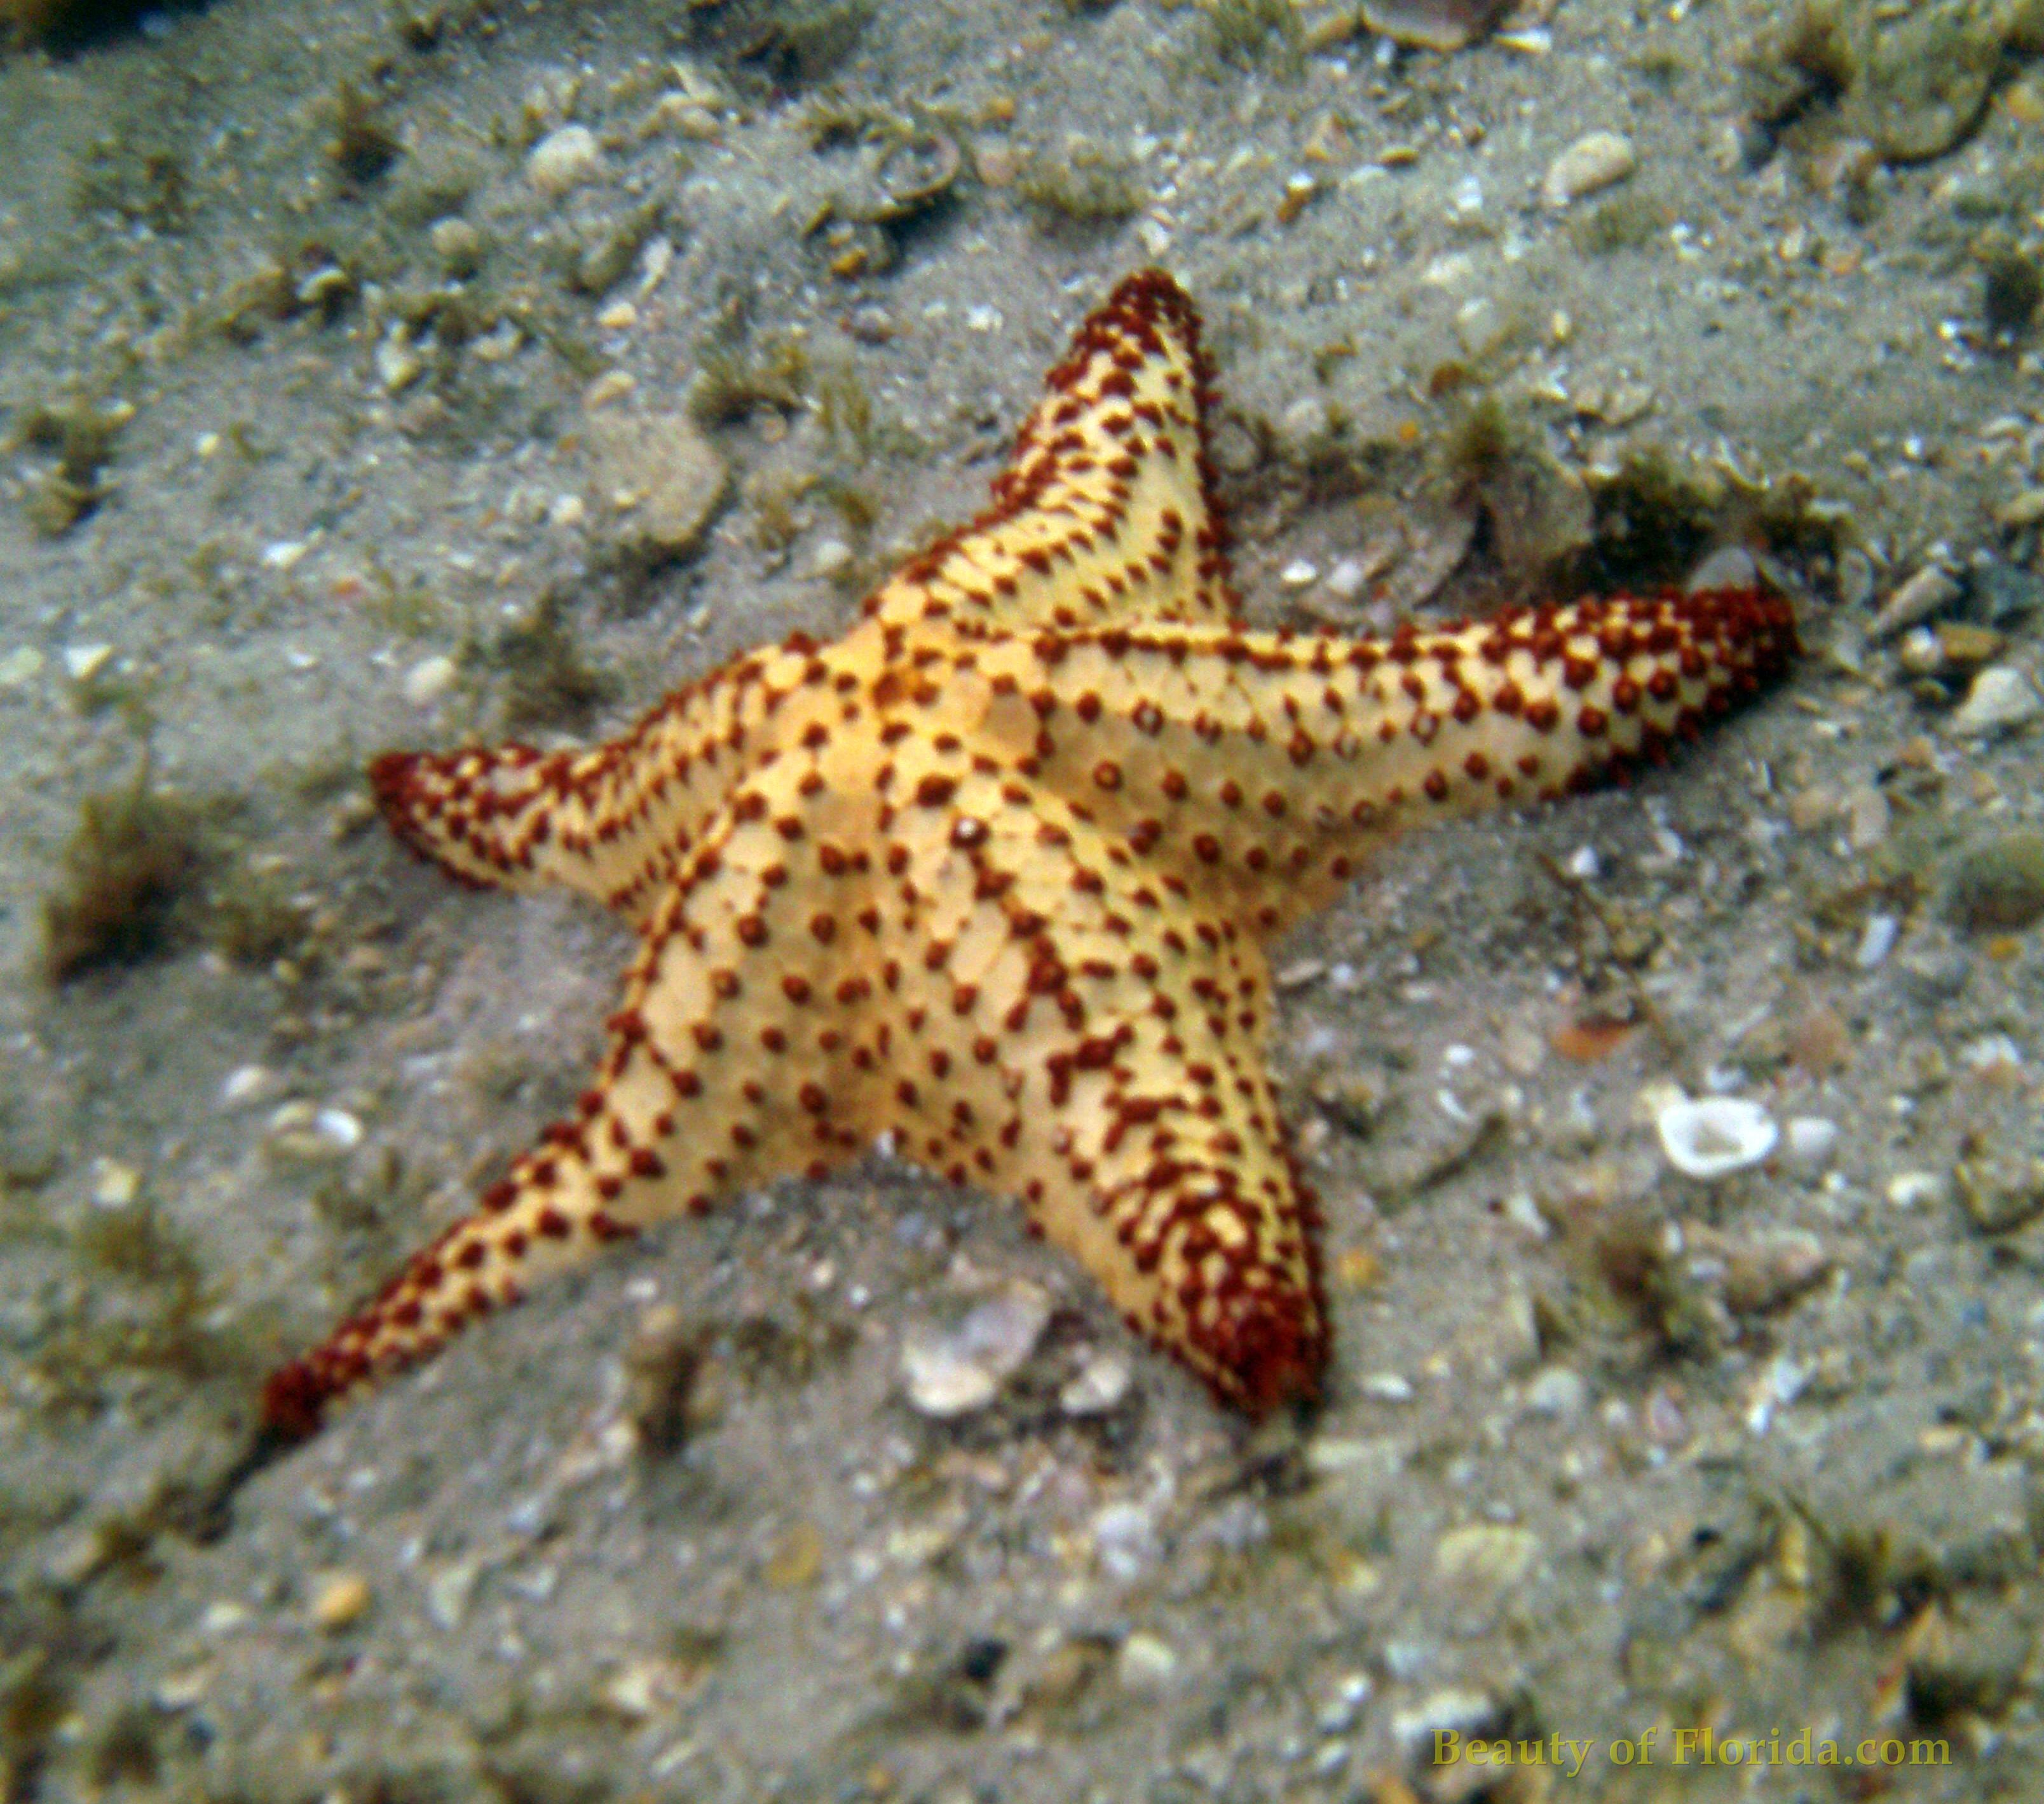 Real starfish underwater - photo#11